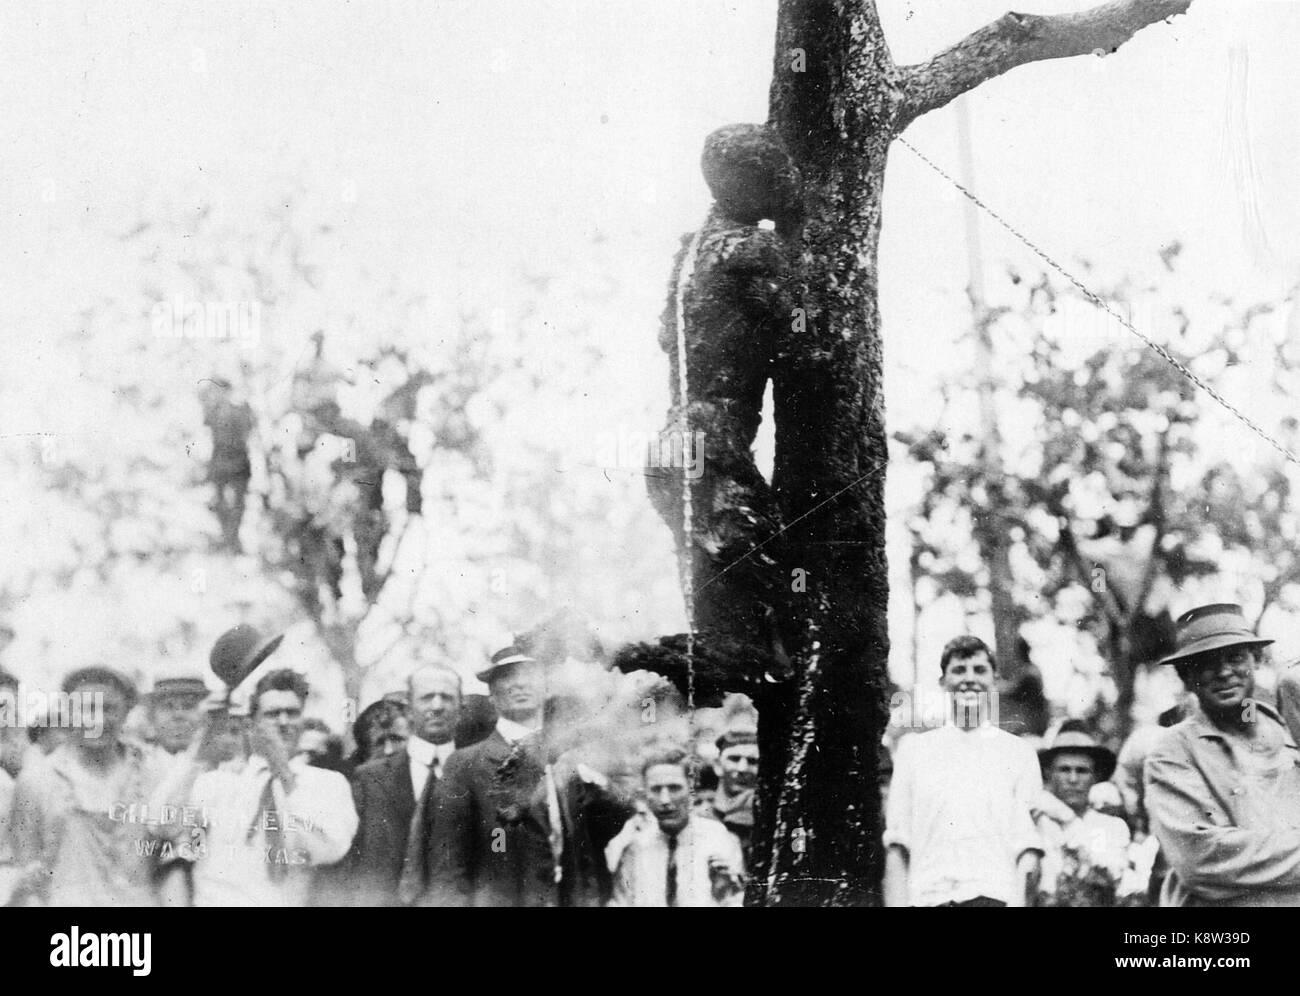 Jesse washington multitud viendo el cuerpo quemado de los 18 años de edad después de afro-americanos su Imagen De Stock